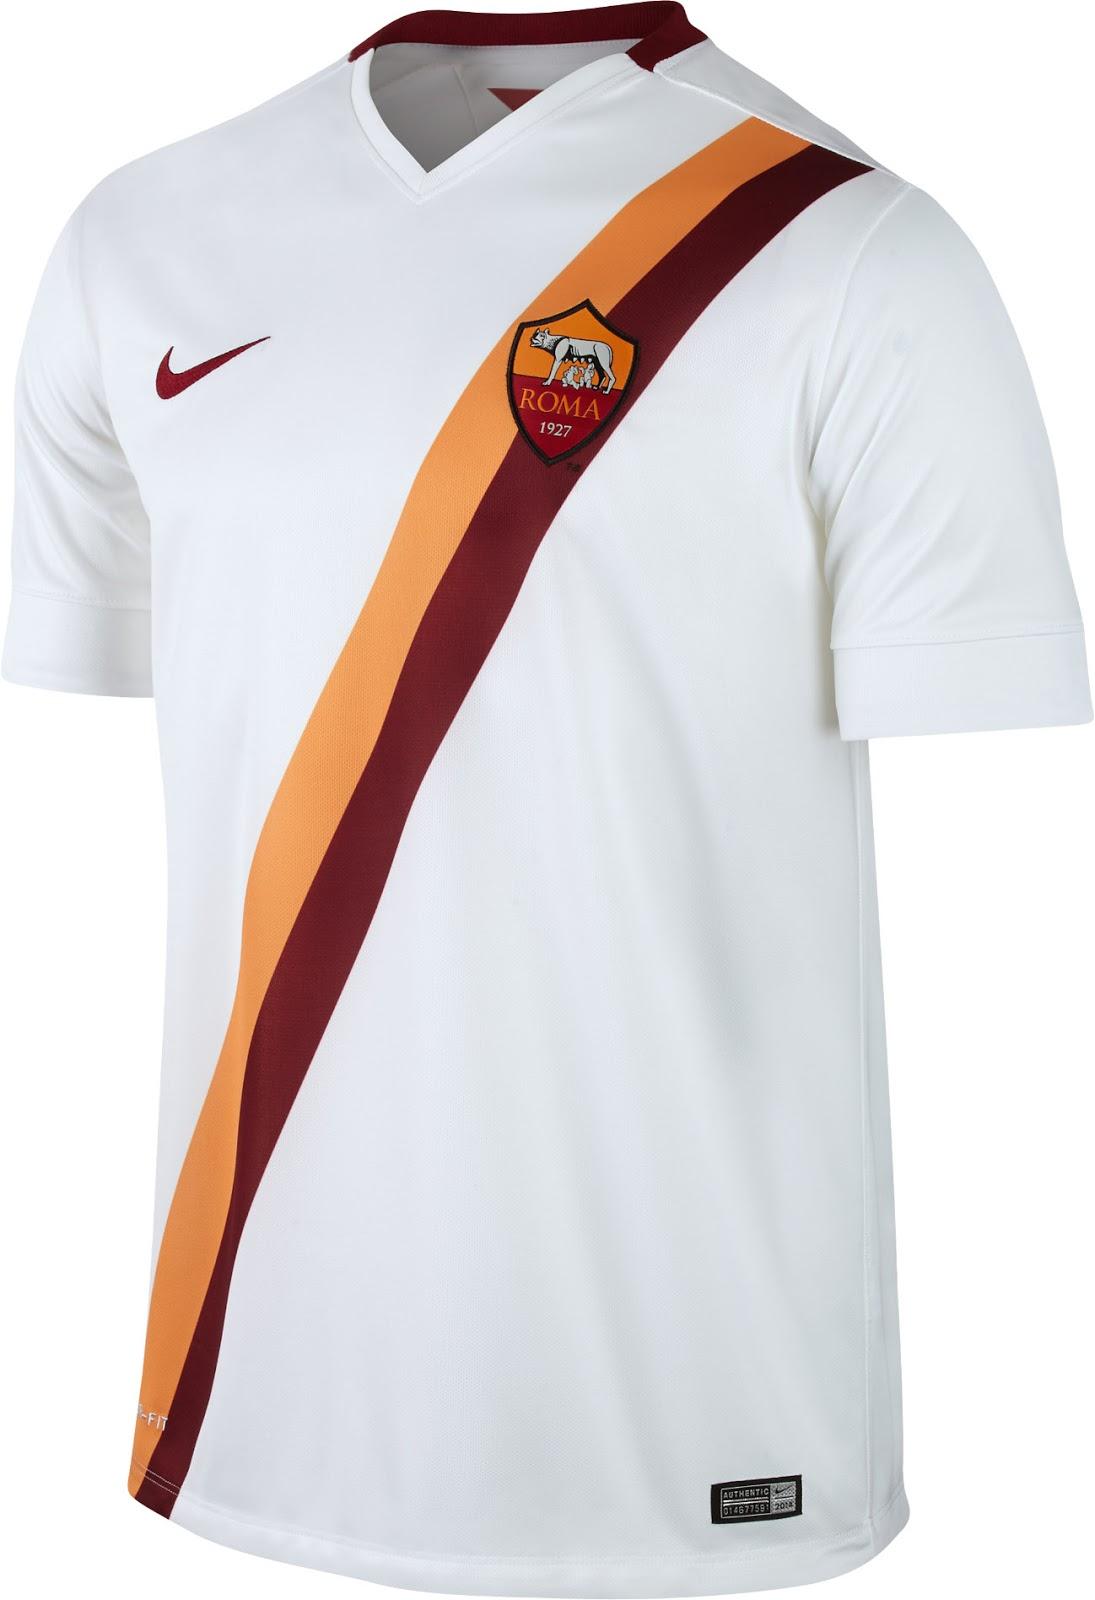 http://3.bp.blogspot.com/-_MULhWVMJS8/U84mJ53zoeI/AAAAAAAAUwA/OVyeKqsNSDs/s1600/AS-Roma-14-15-Away-Kit+(1).jpg